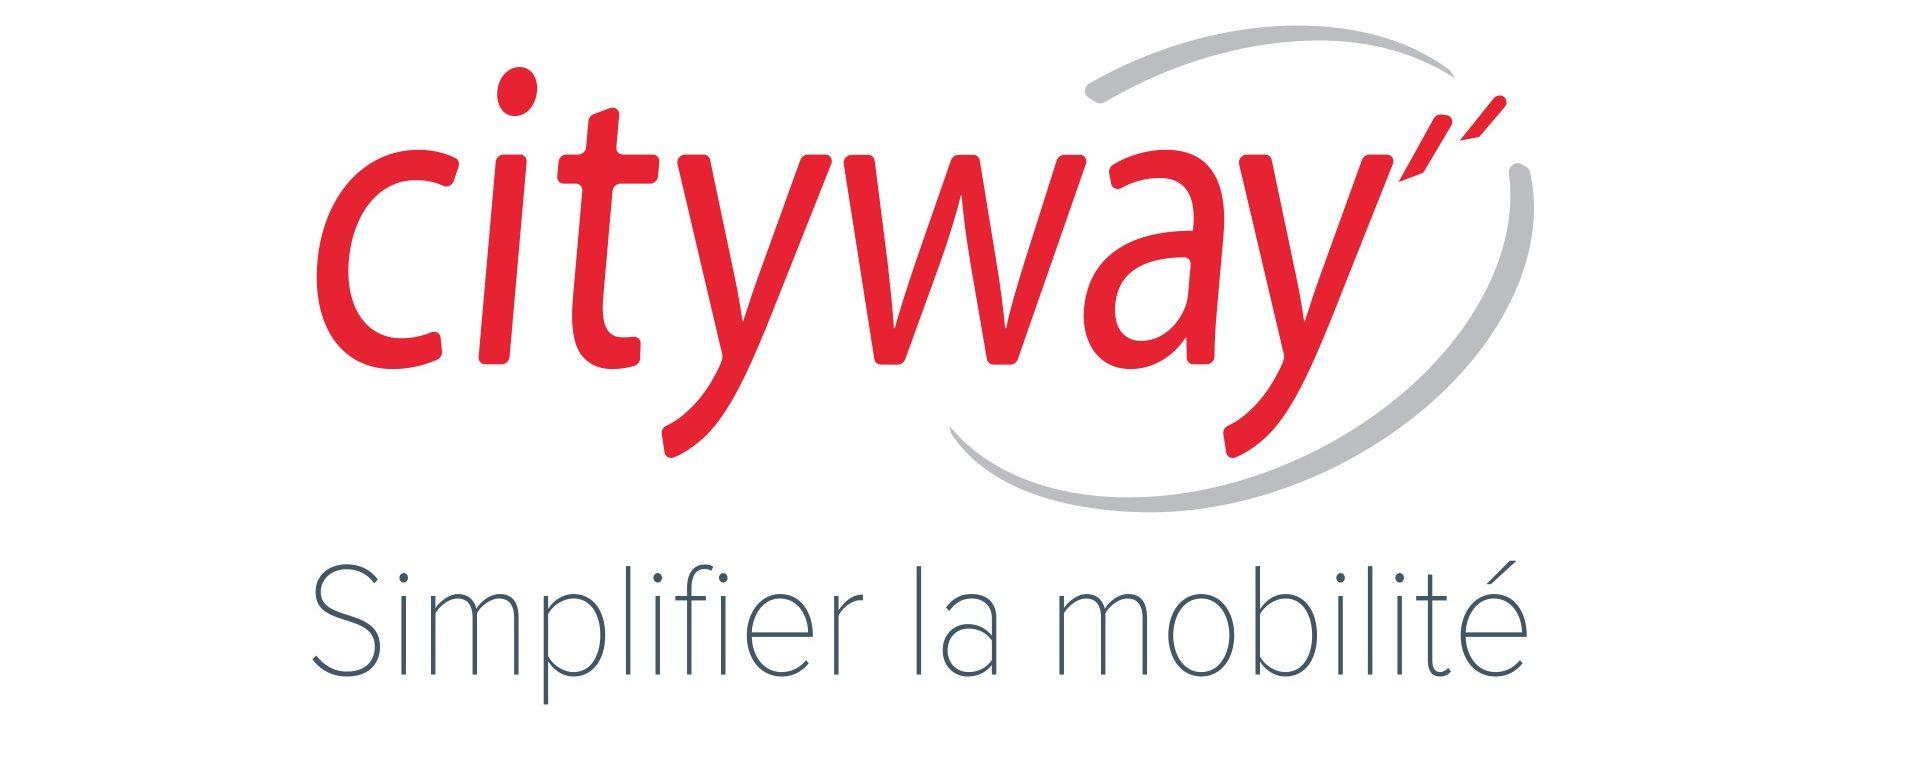 Transdev Cityway mobilité innovation maas logo rouge simplifier la mobilité